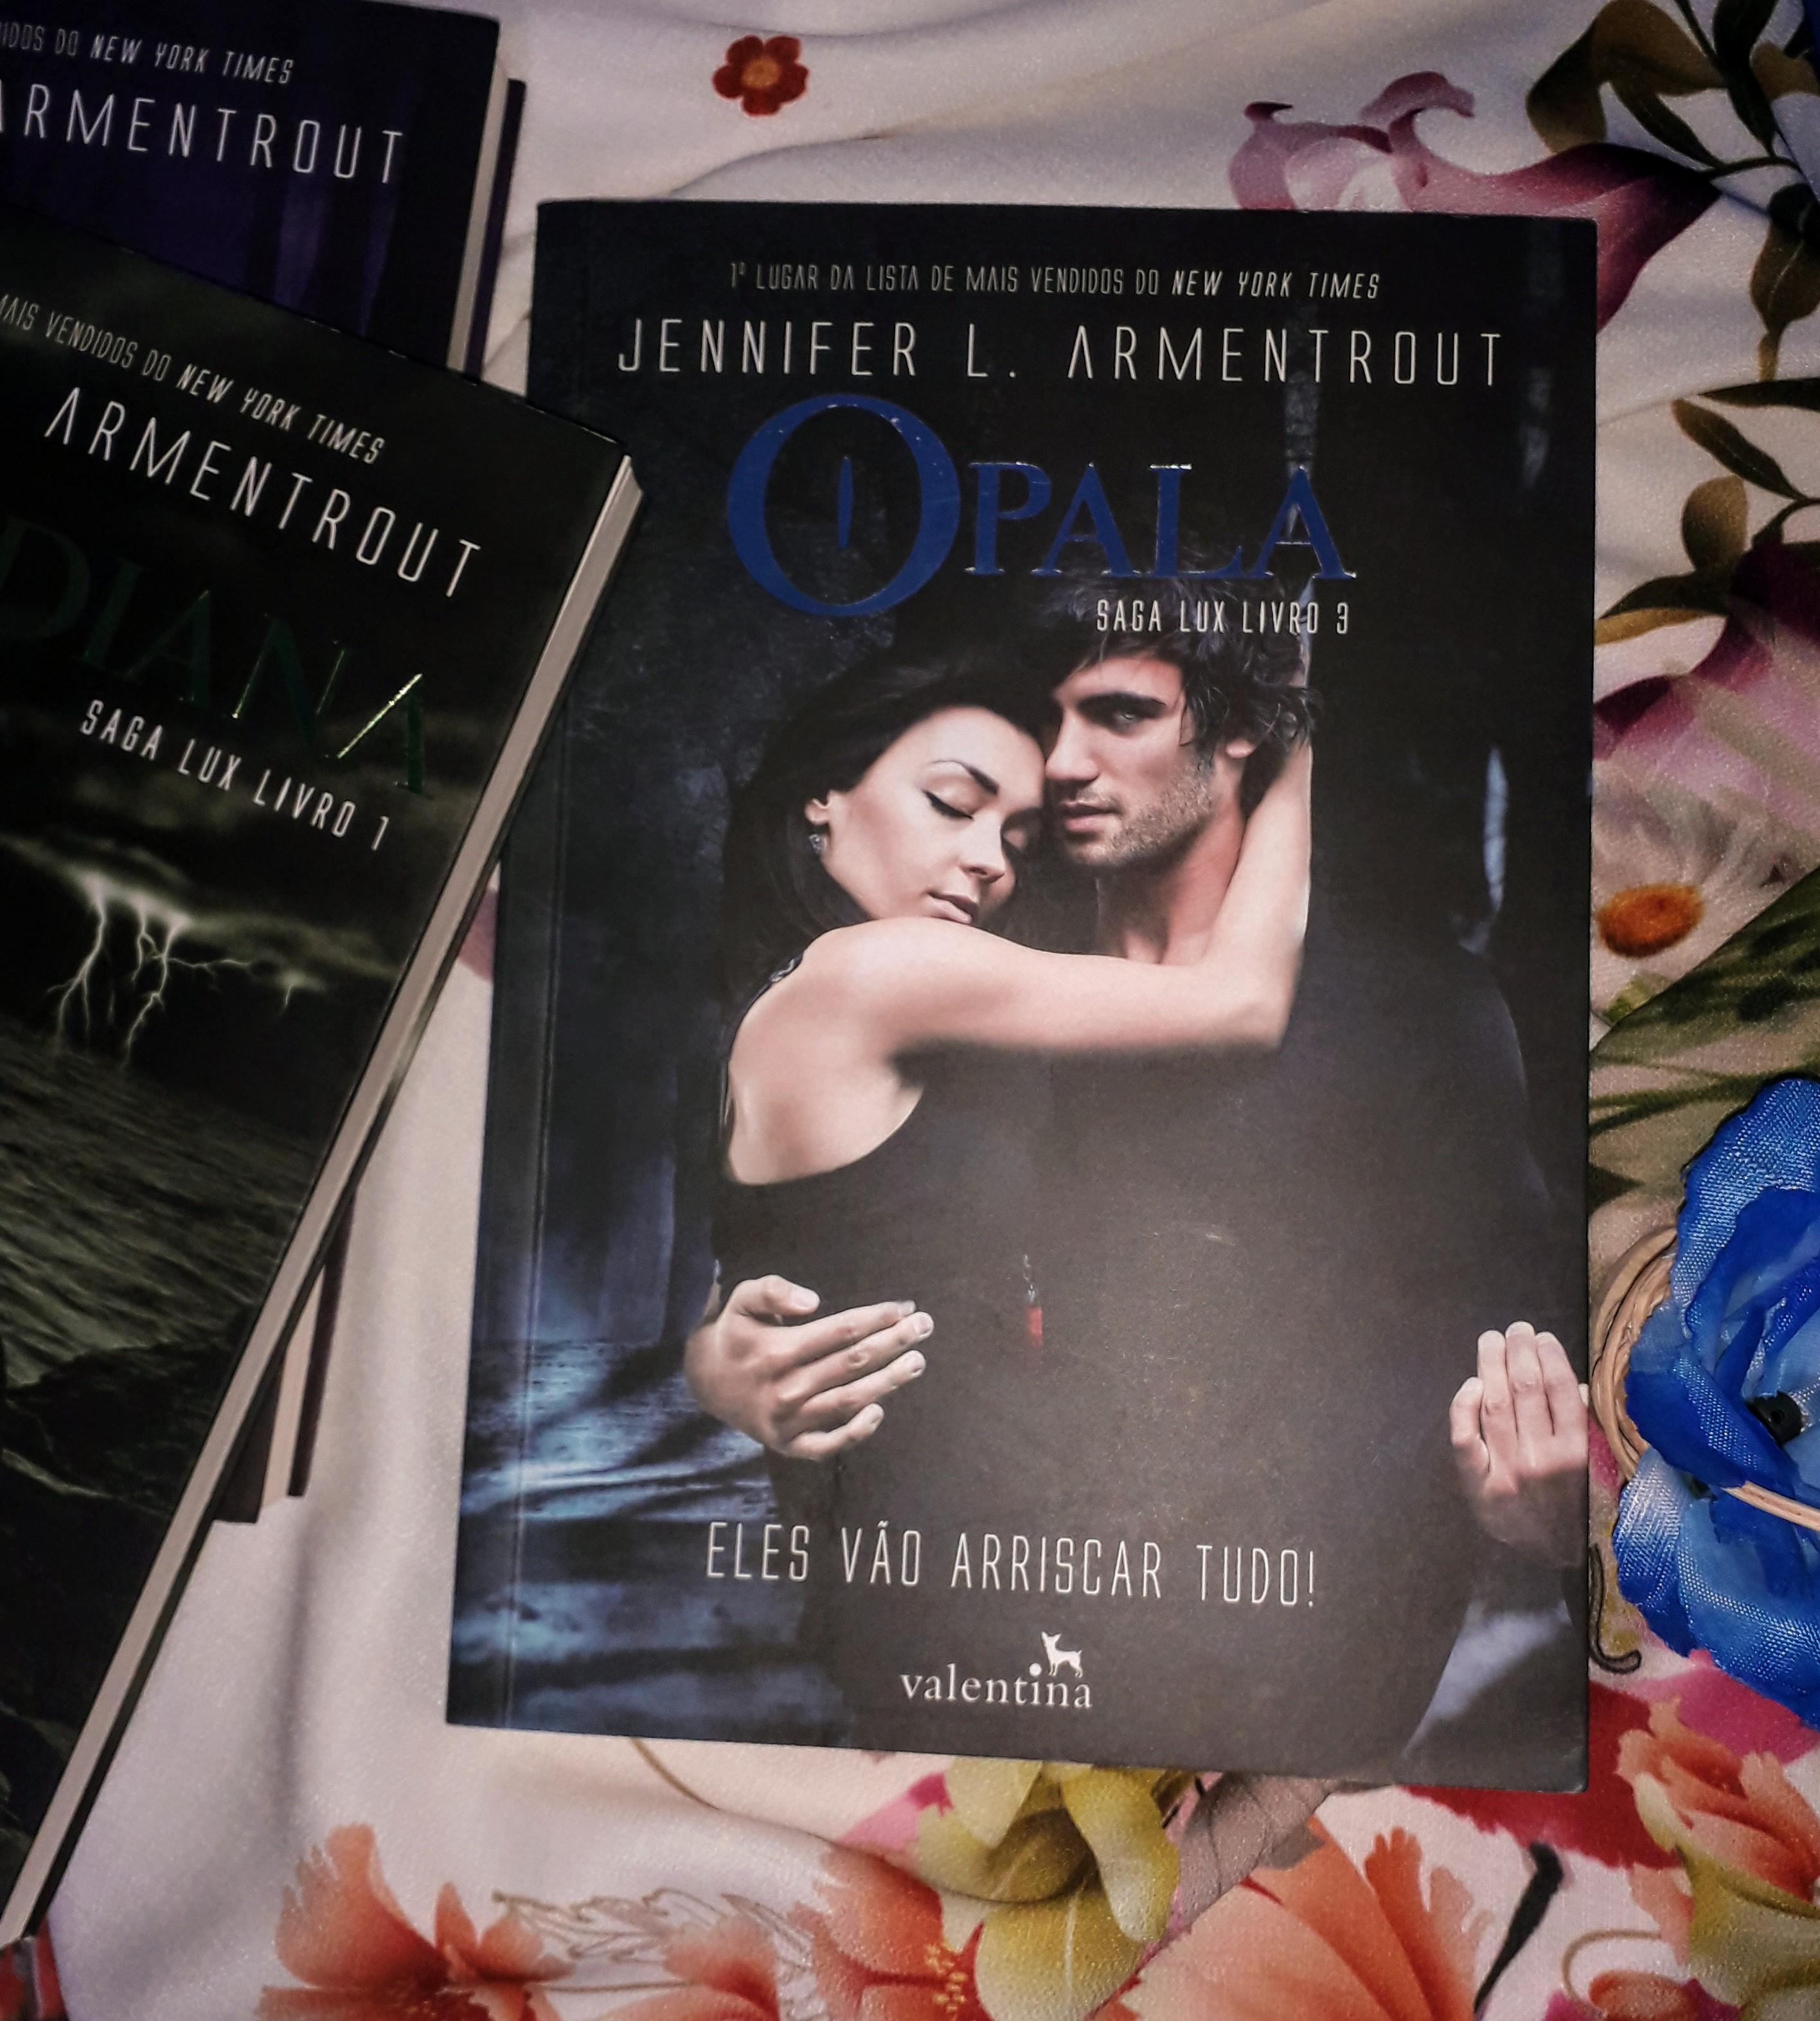 Livro opala, terceiro livro da série, série lux, editora valetina, beleza de livros, resenha, eu amo ler